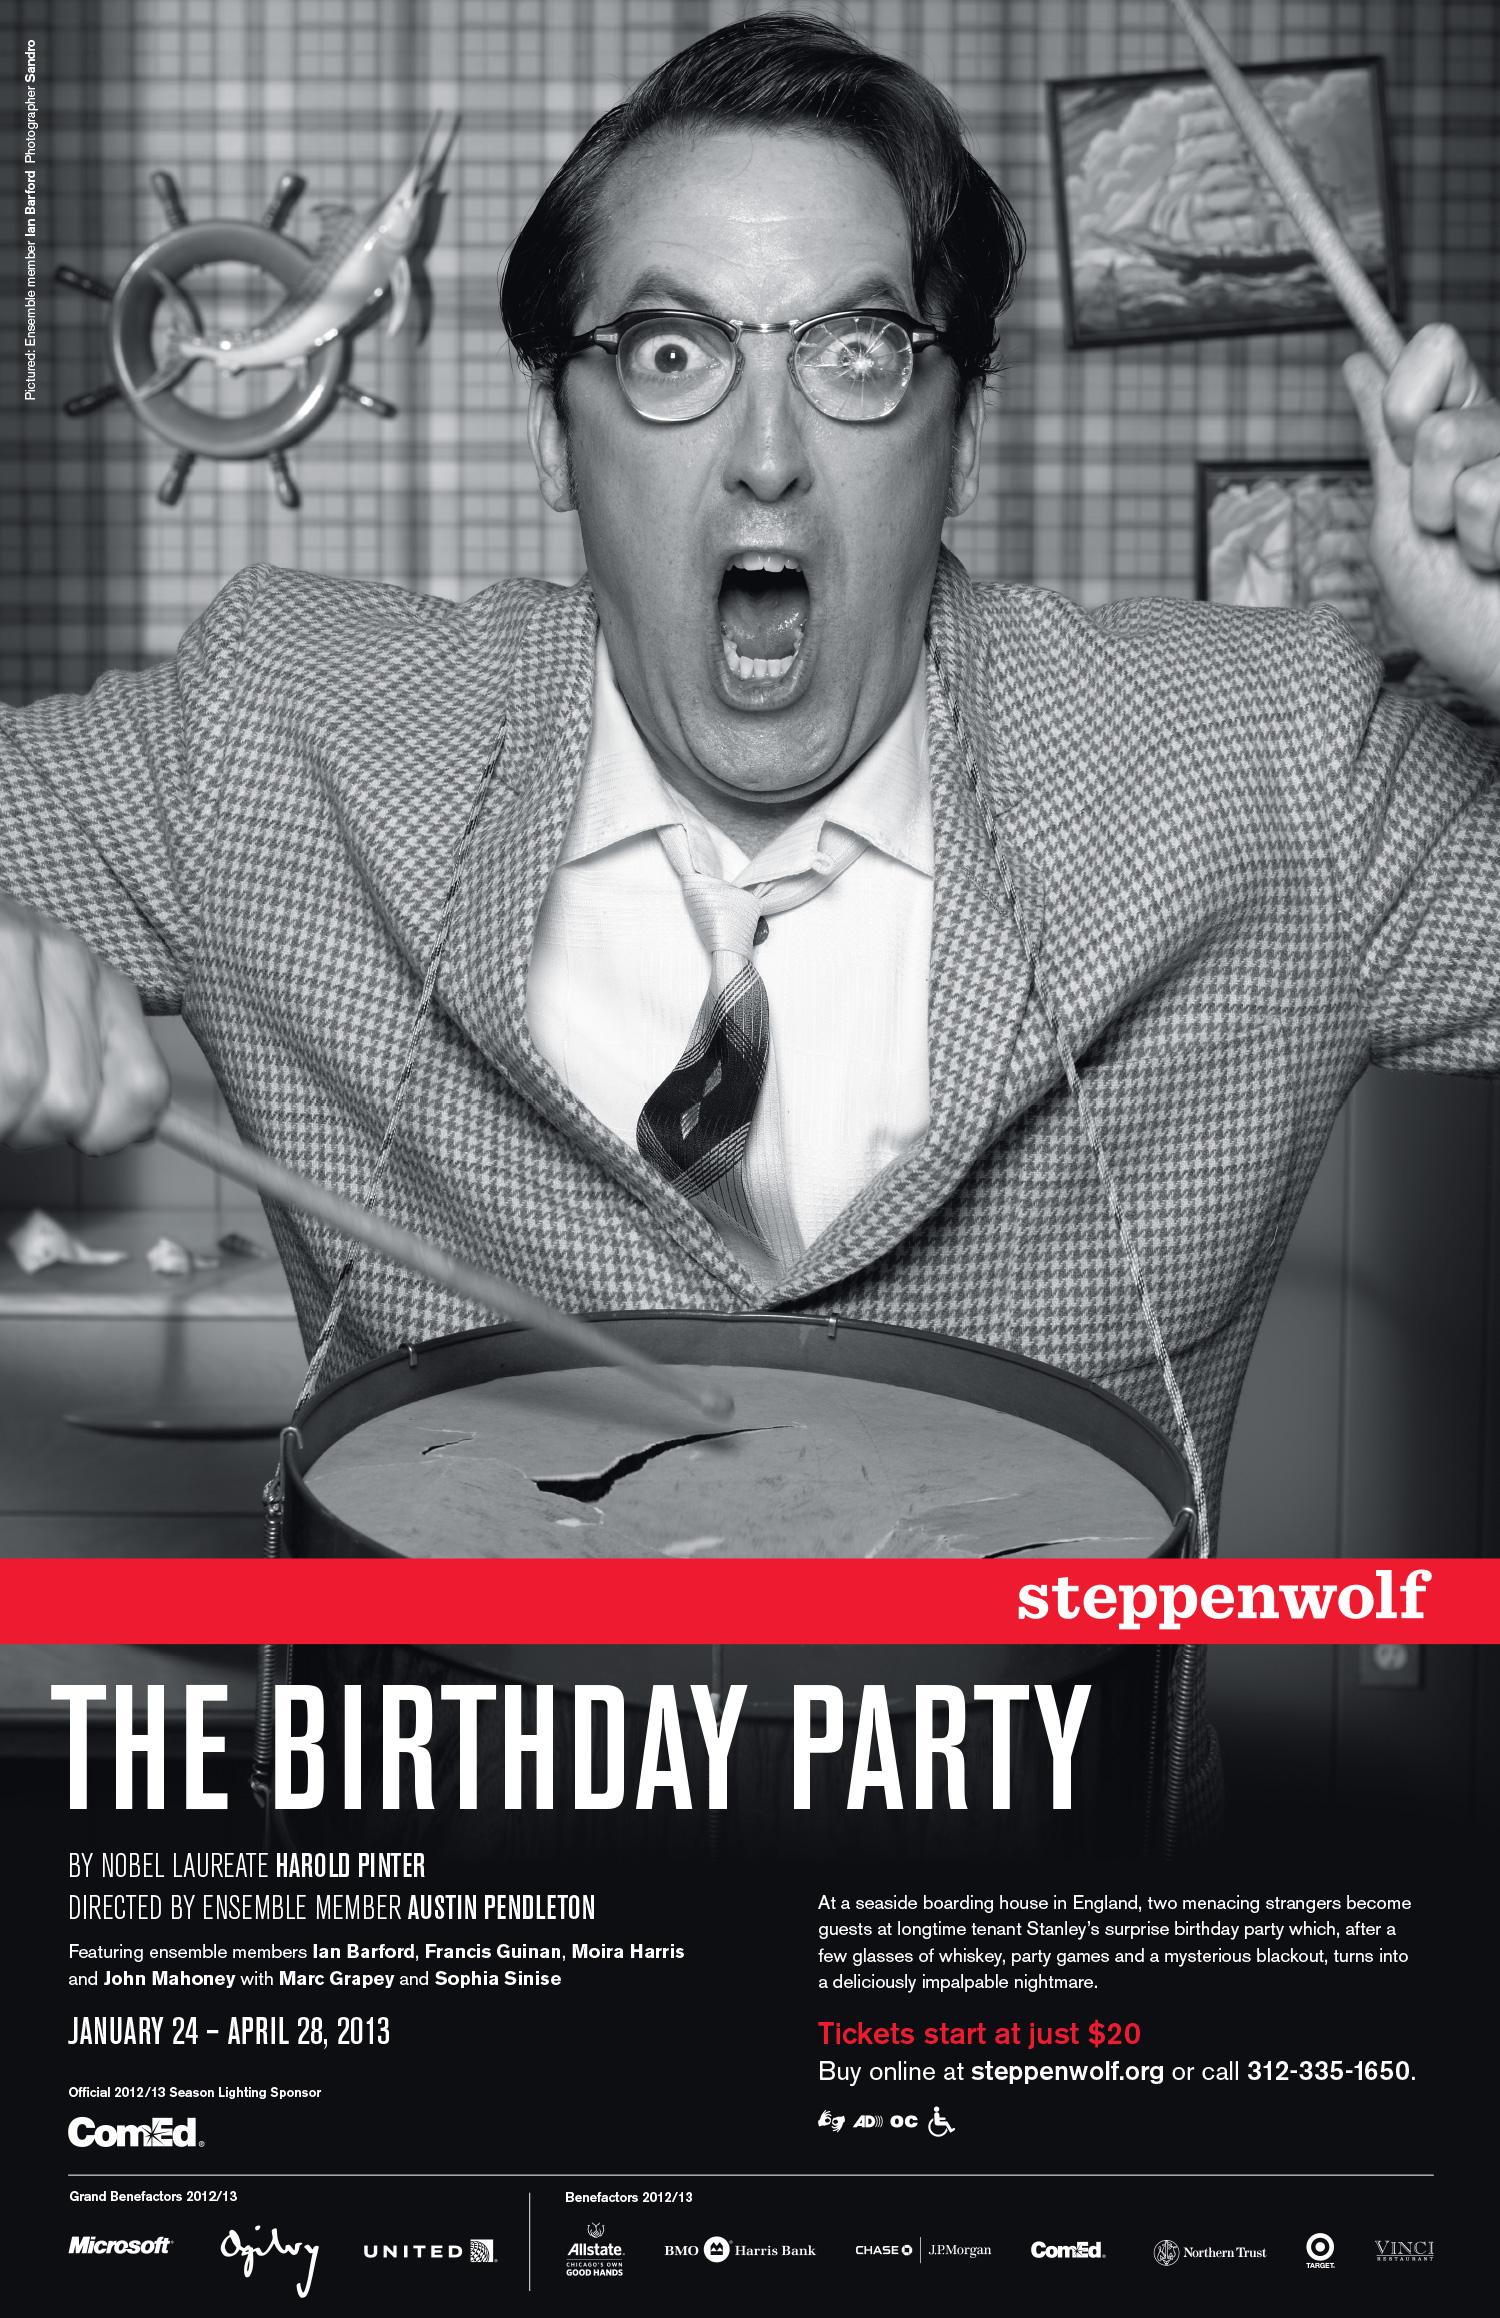 Steppenwolf_BirthdayParty_poster.jpg